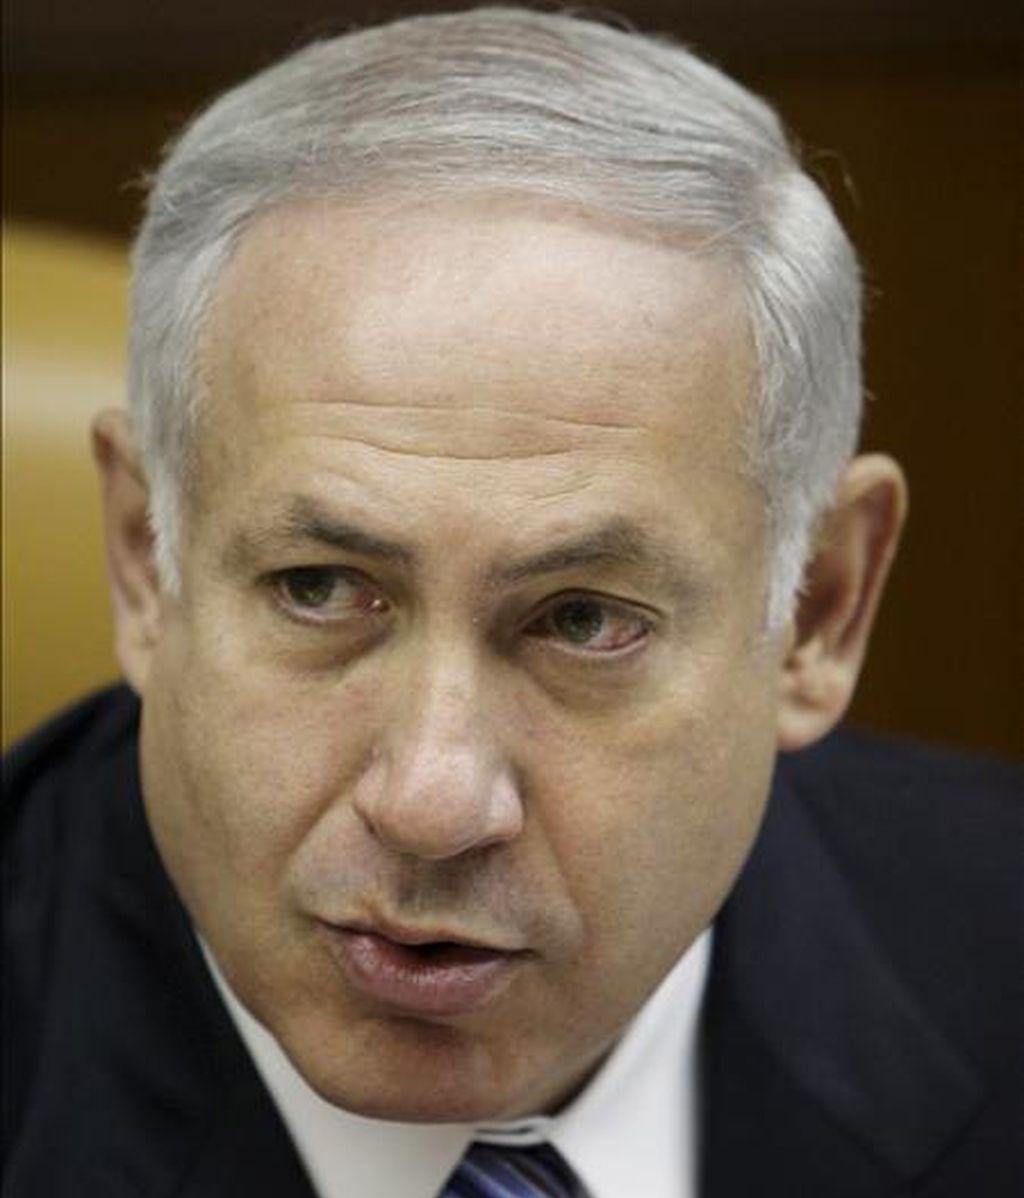 El primer ministro israelí, Benjamin Netanyahu, durante la reunión del consejo de ministros celebrada en Jerusalén (Israel), hoy. Israel ha llamado hoy a consultas a su embajador en Suiza, Ilan Elgar, en protesta por el encuentro que mantuvieron anoche el presidente suizo, Hanz Rudolf Mertz, y su homólogo iraní, Mahmud Ahmadineyad en el marco de la Conferencia de Revisión sobre Racismo, Xenofobia e Intolerancia. La reunión ha provocado la indignación de Israel. EFE/Dan Balilty